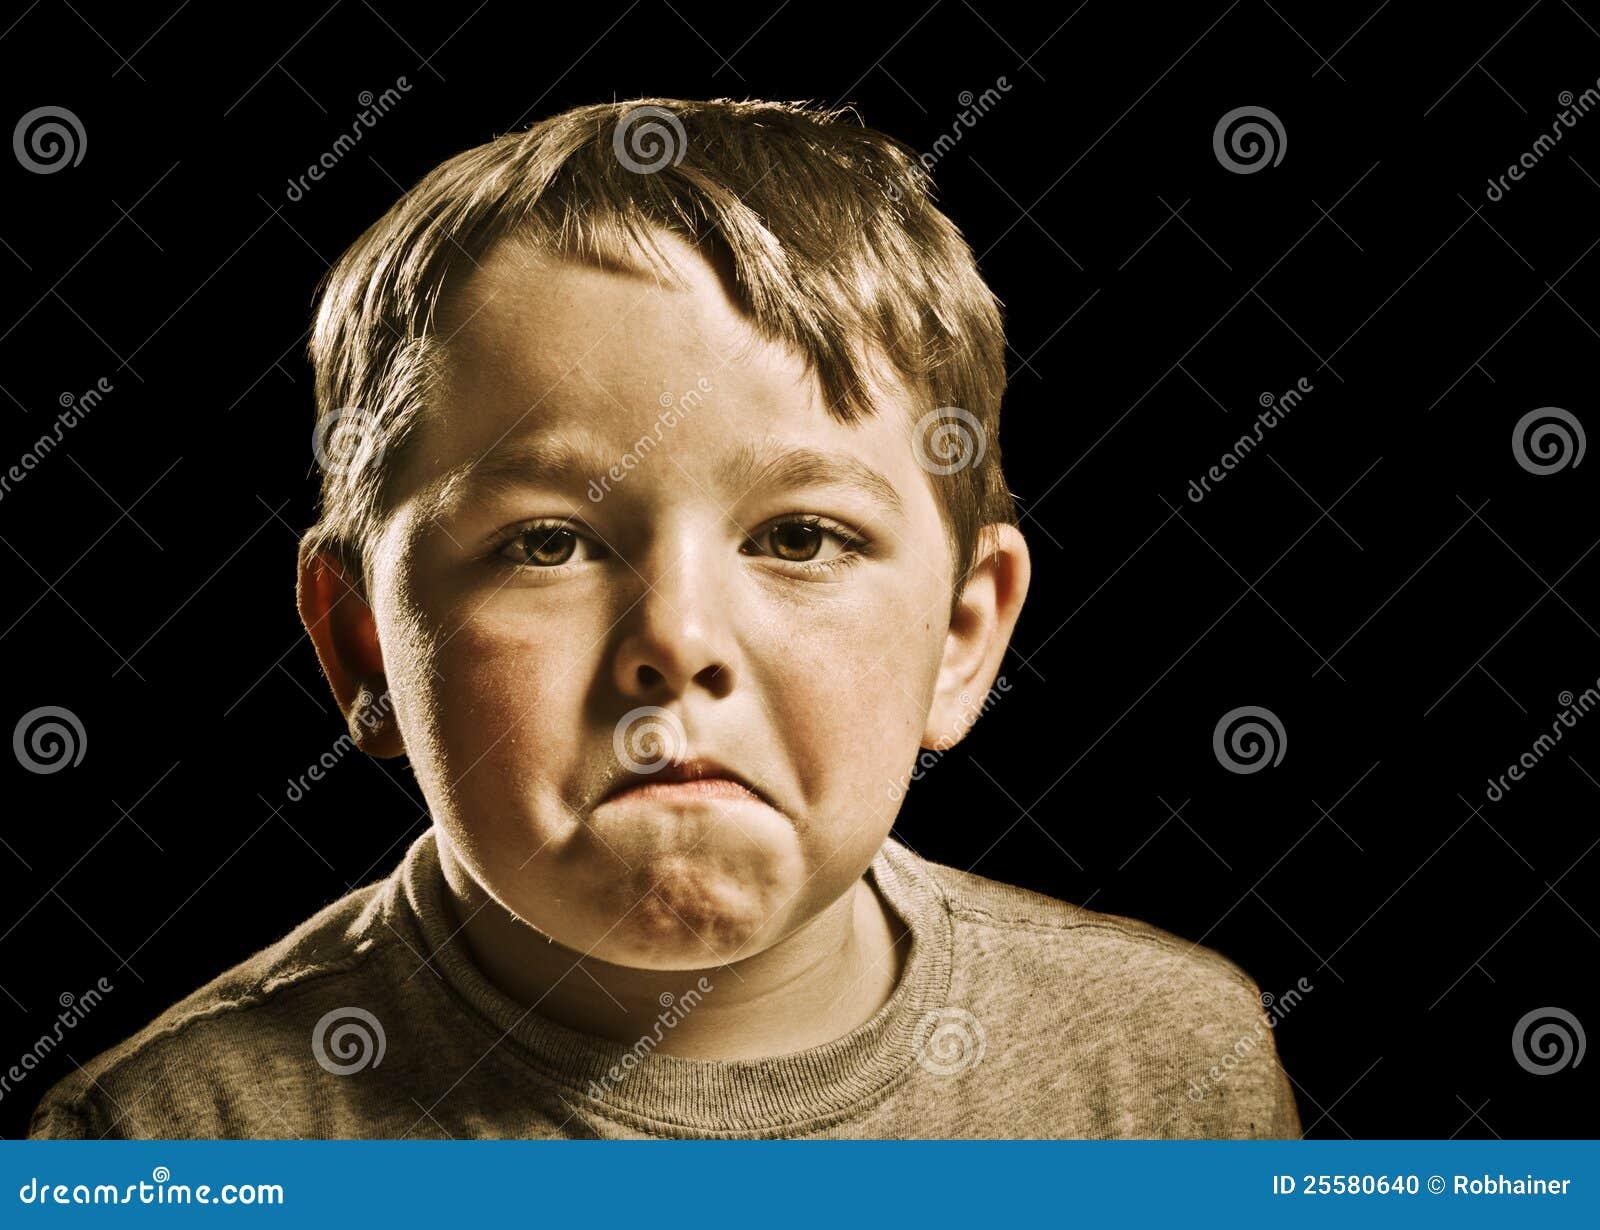 Portret van ernstig, droevig, boos of gedeprimeerd kind